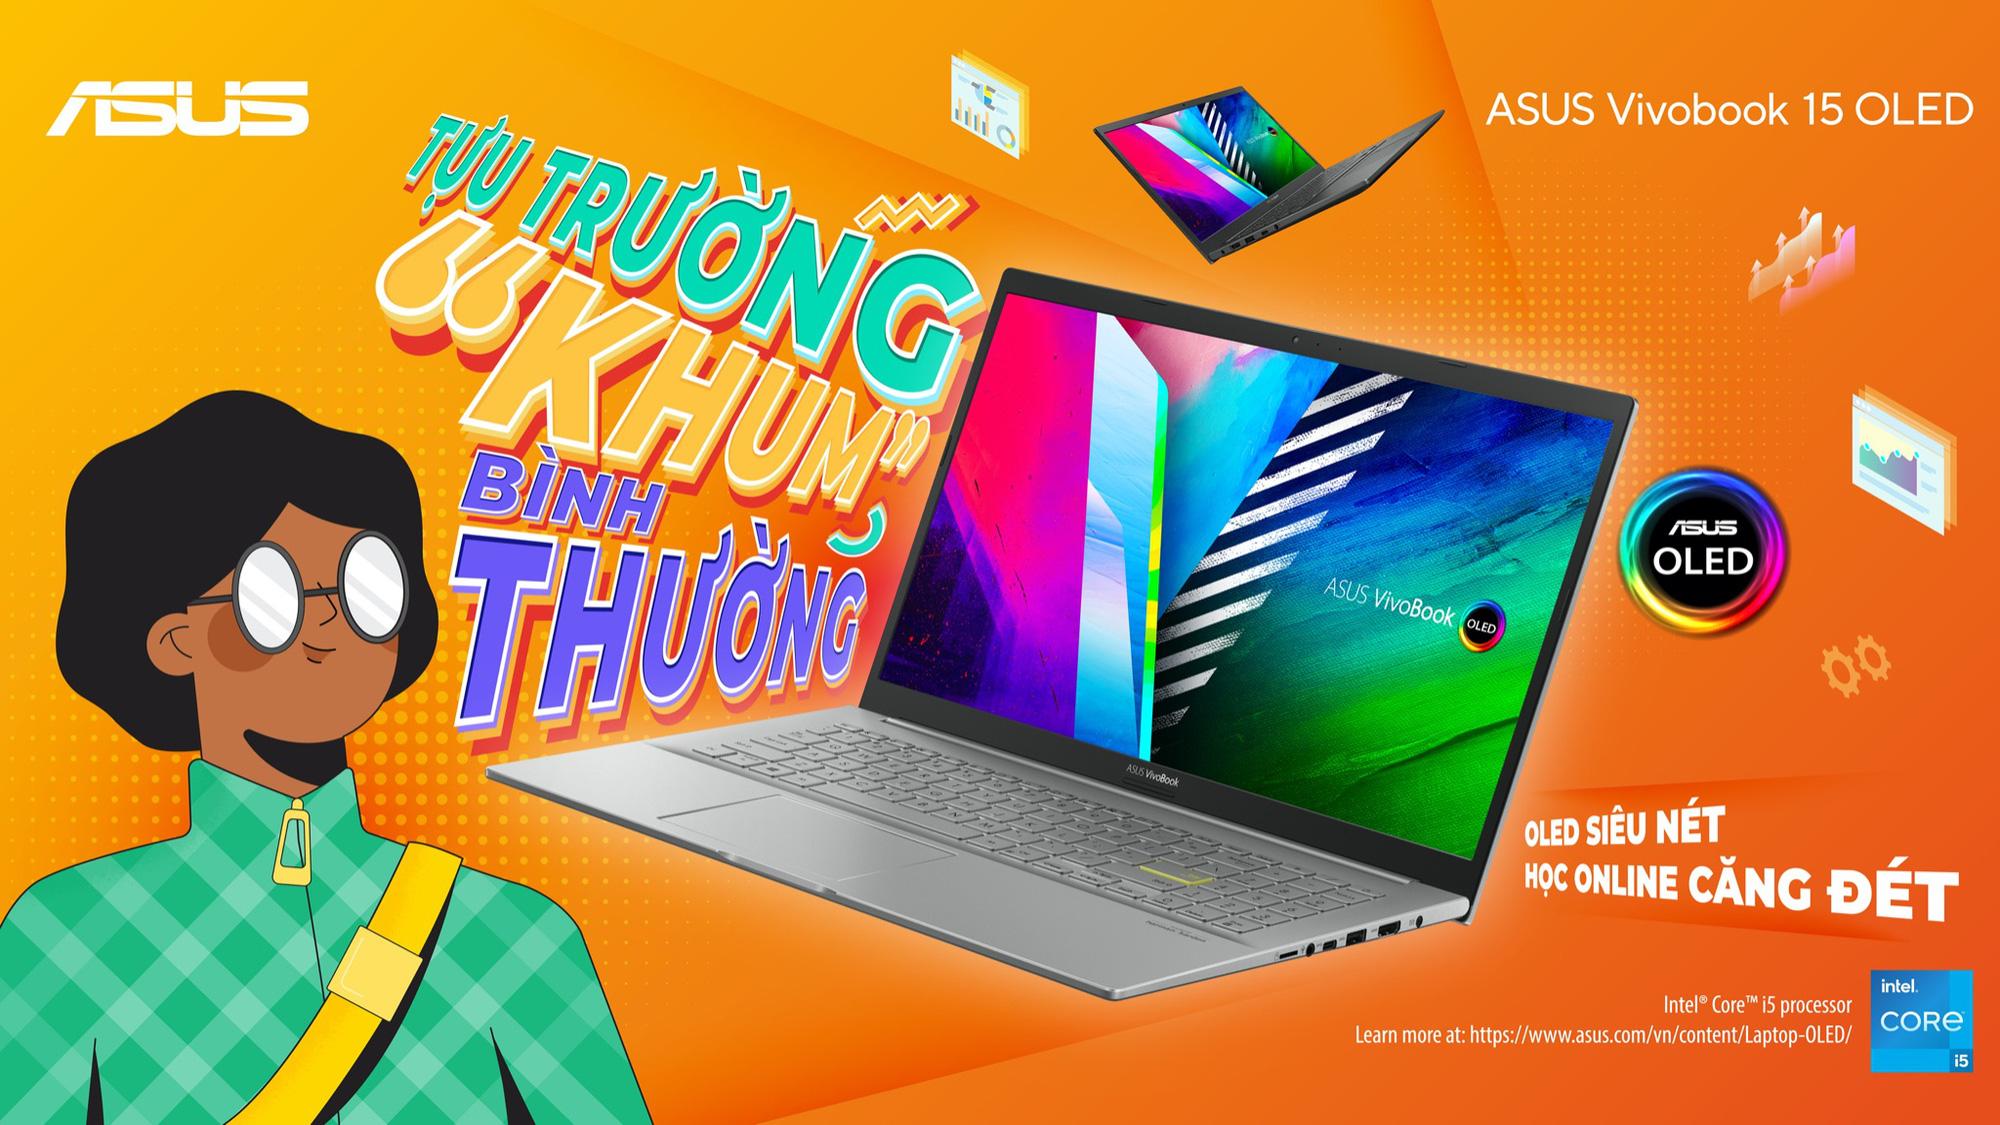 """Tựu trường """"Khum"""" bình thường cùng ASUS Vivobook 15 OLED - Ảnh 4."""